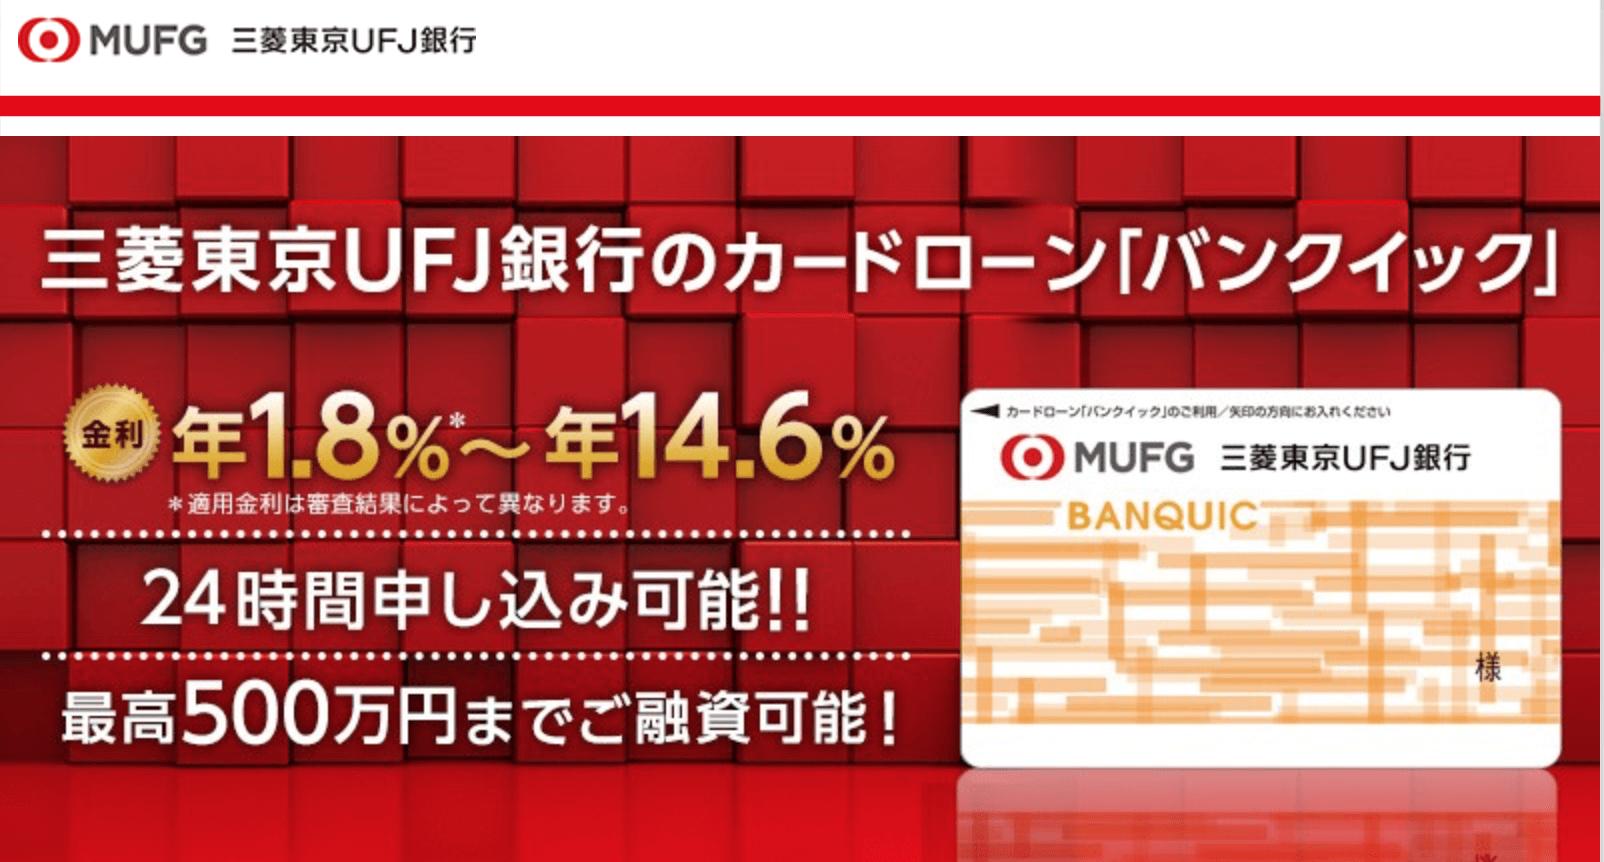 三菱UFJ銀行のカードローンの公式ページ